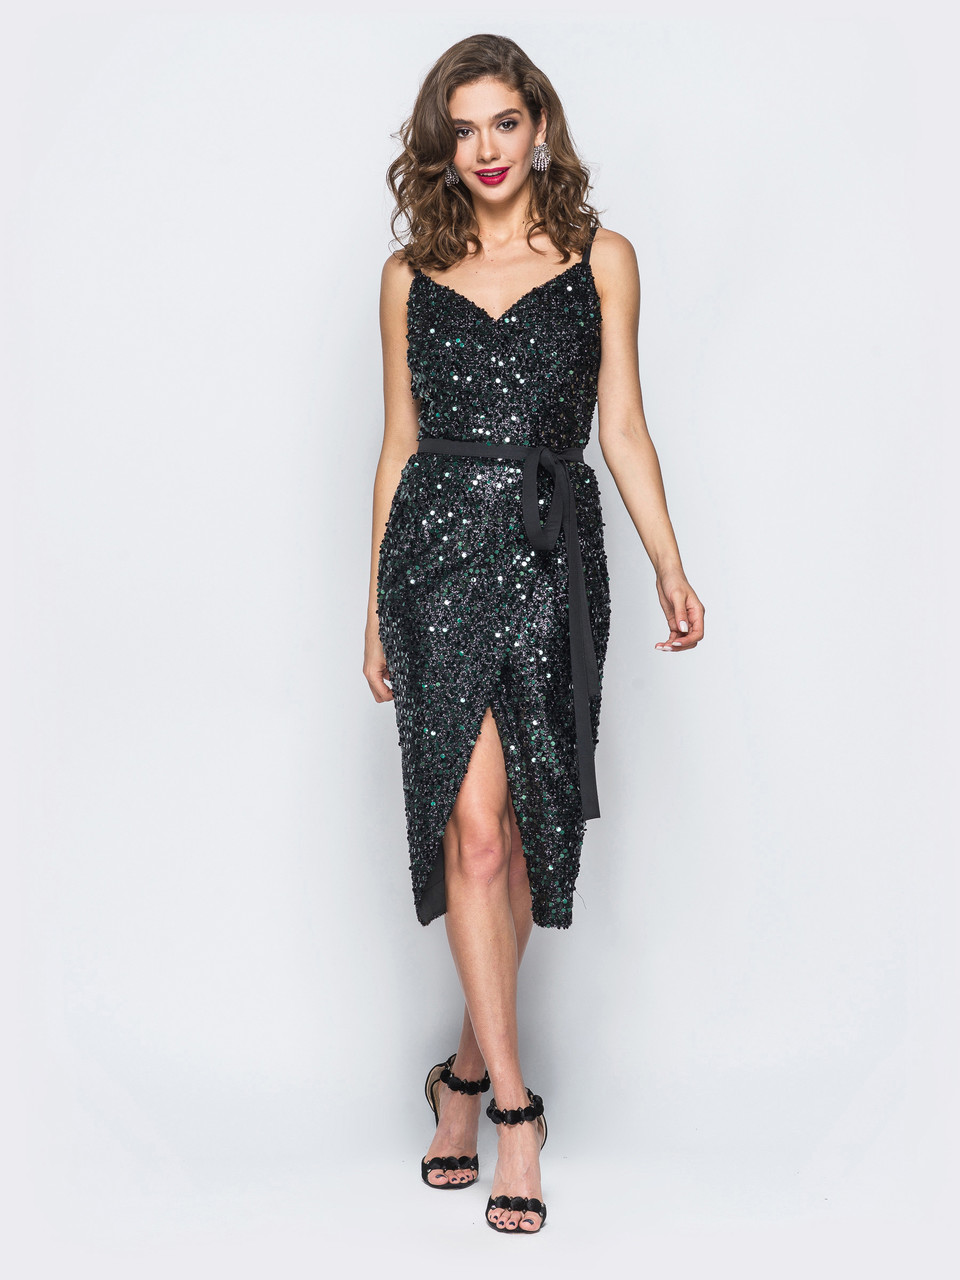 60c2b97af36fdd8 Нарядное платье с пайетками, красивые платья для женщин: продажа ...